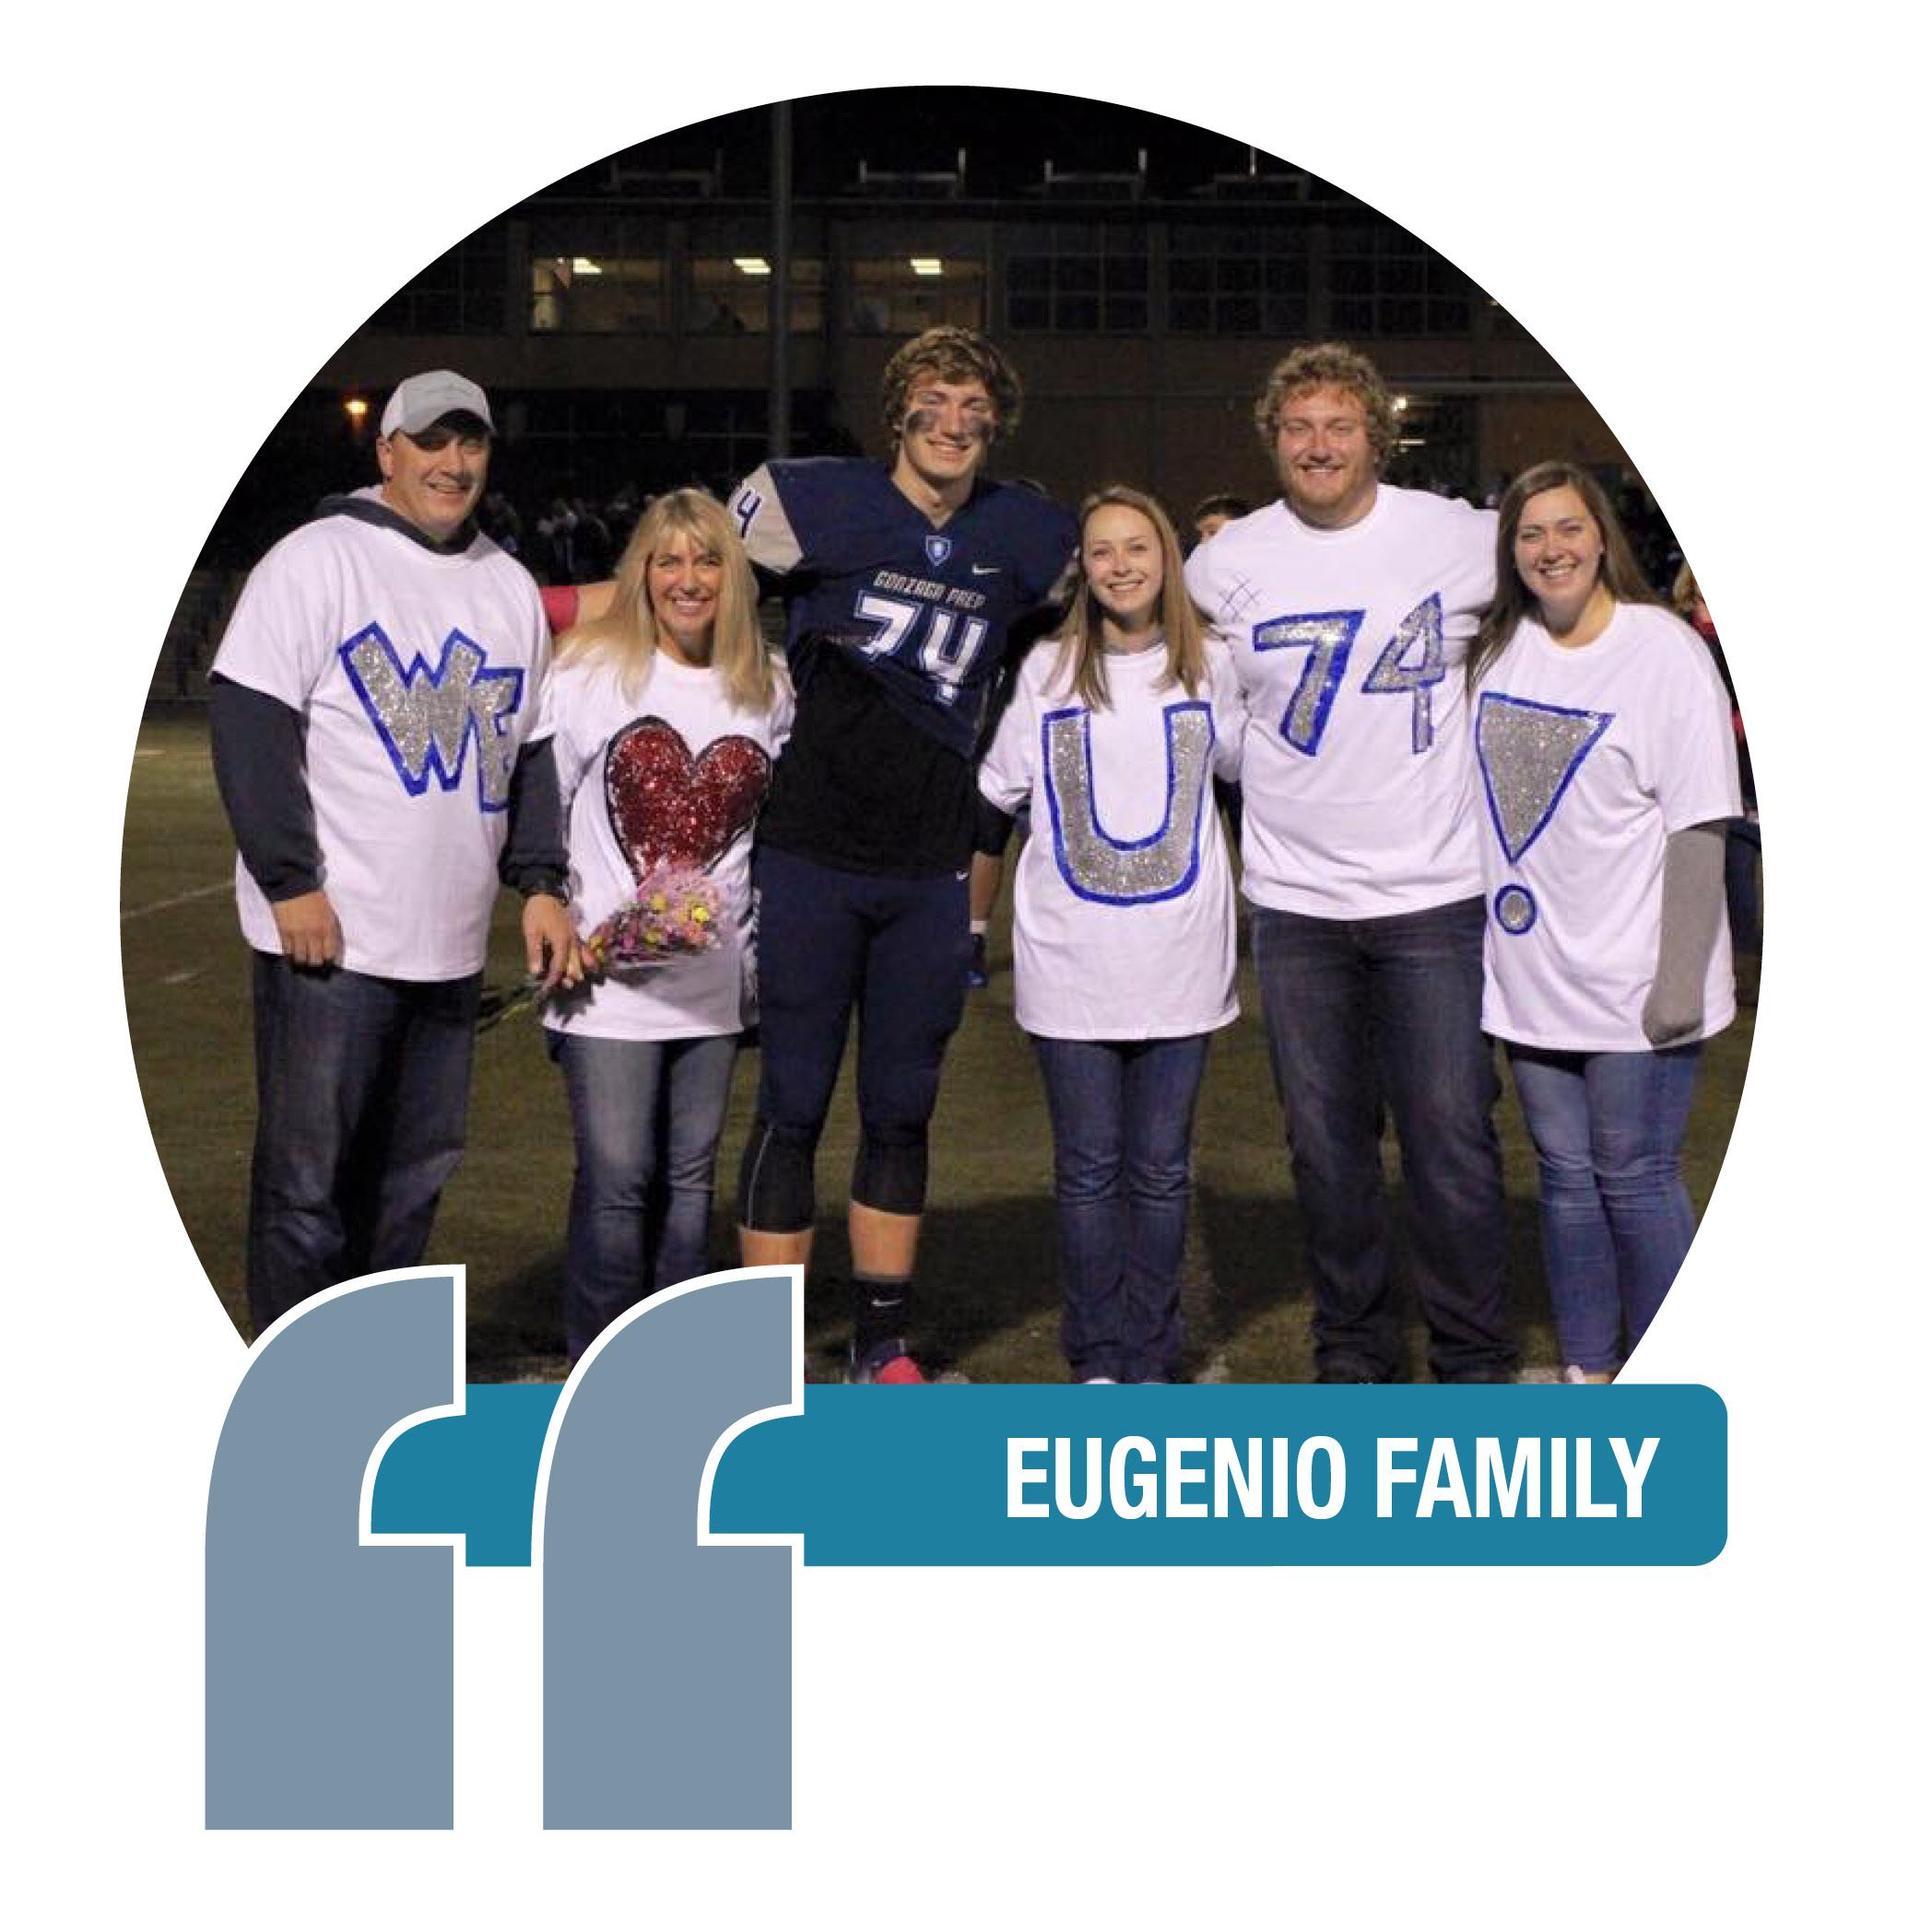 Eugenio family